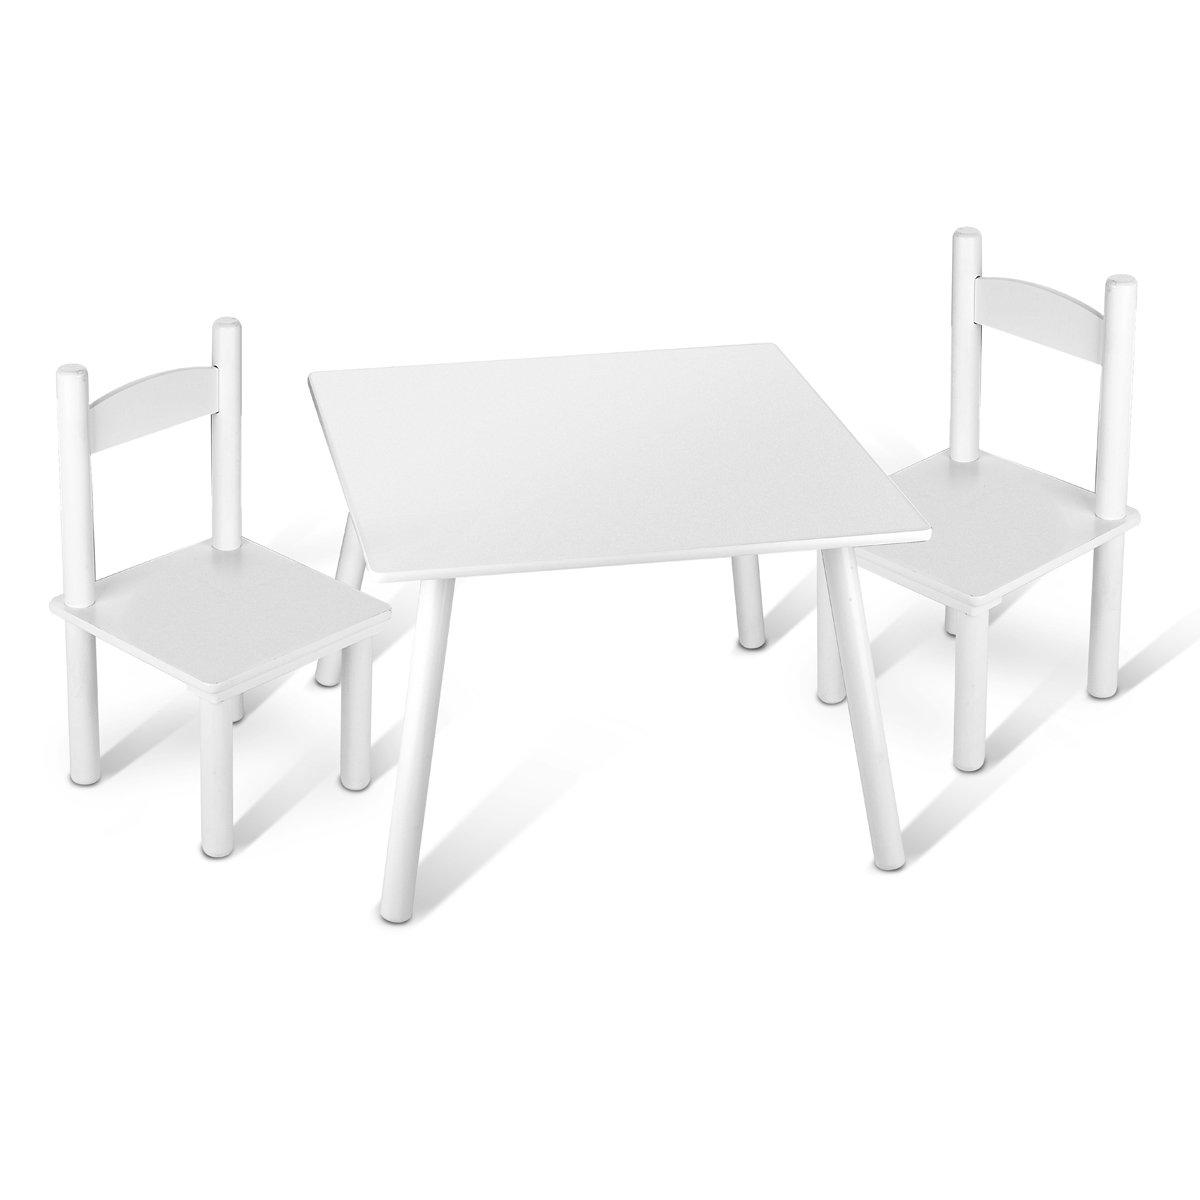 Table et 2 chaises enfant couleur blanche Chambre enfant Meuble enfant Mobilier Chaise d'enfant Baby